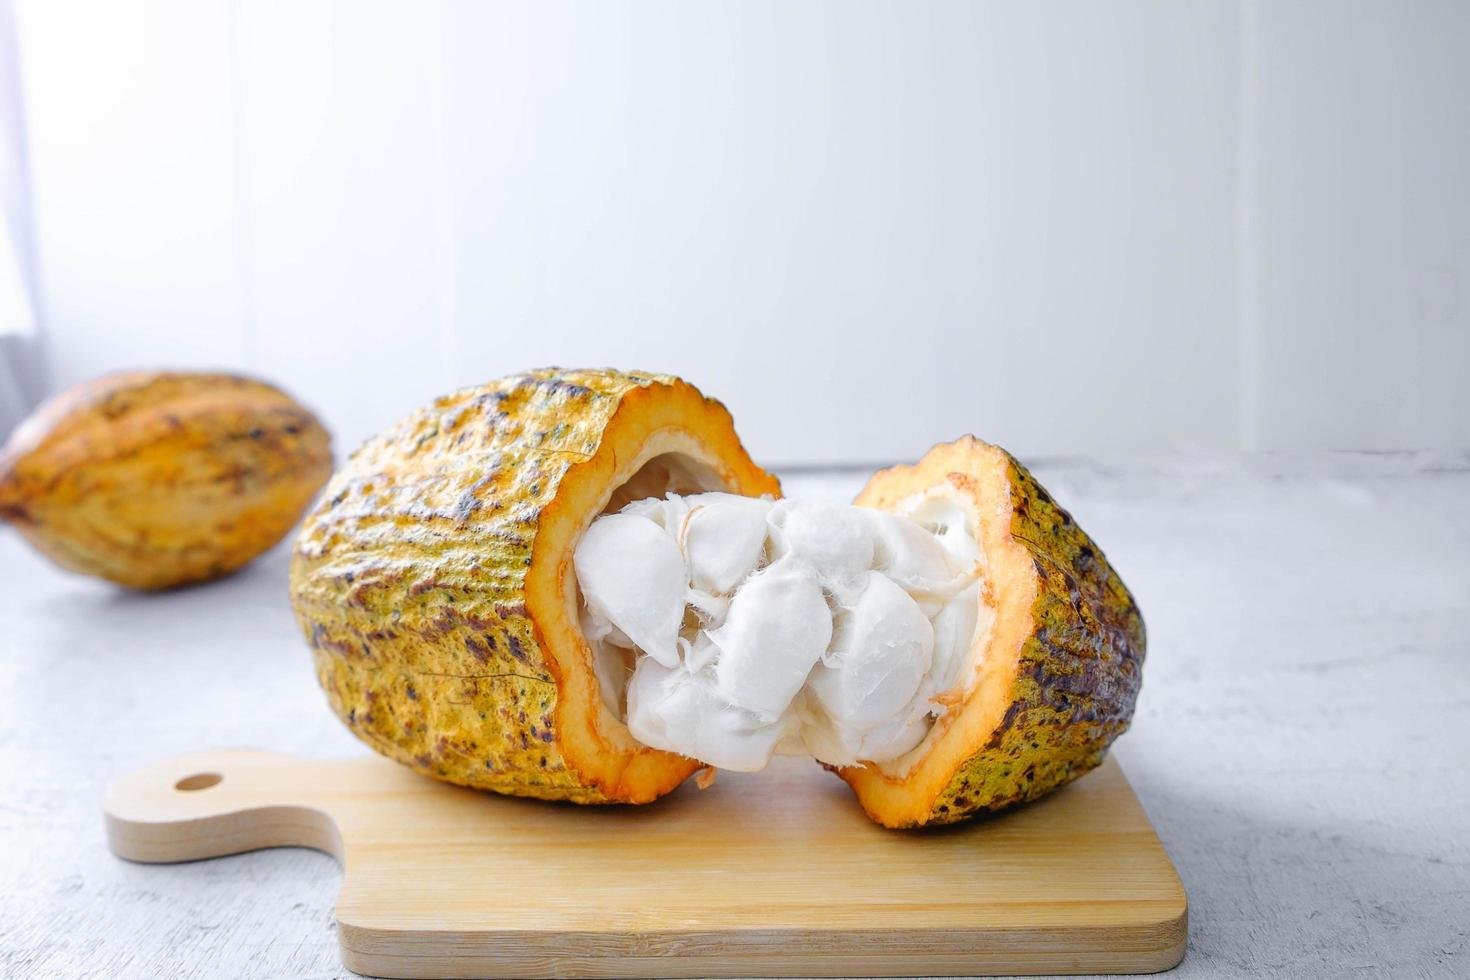 fruits de cacao frais coupés en deux photo